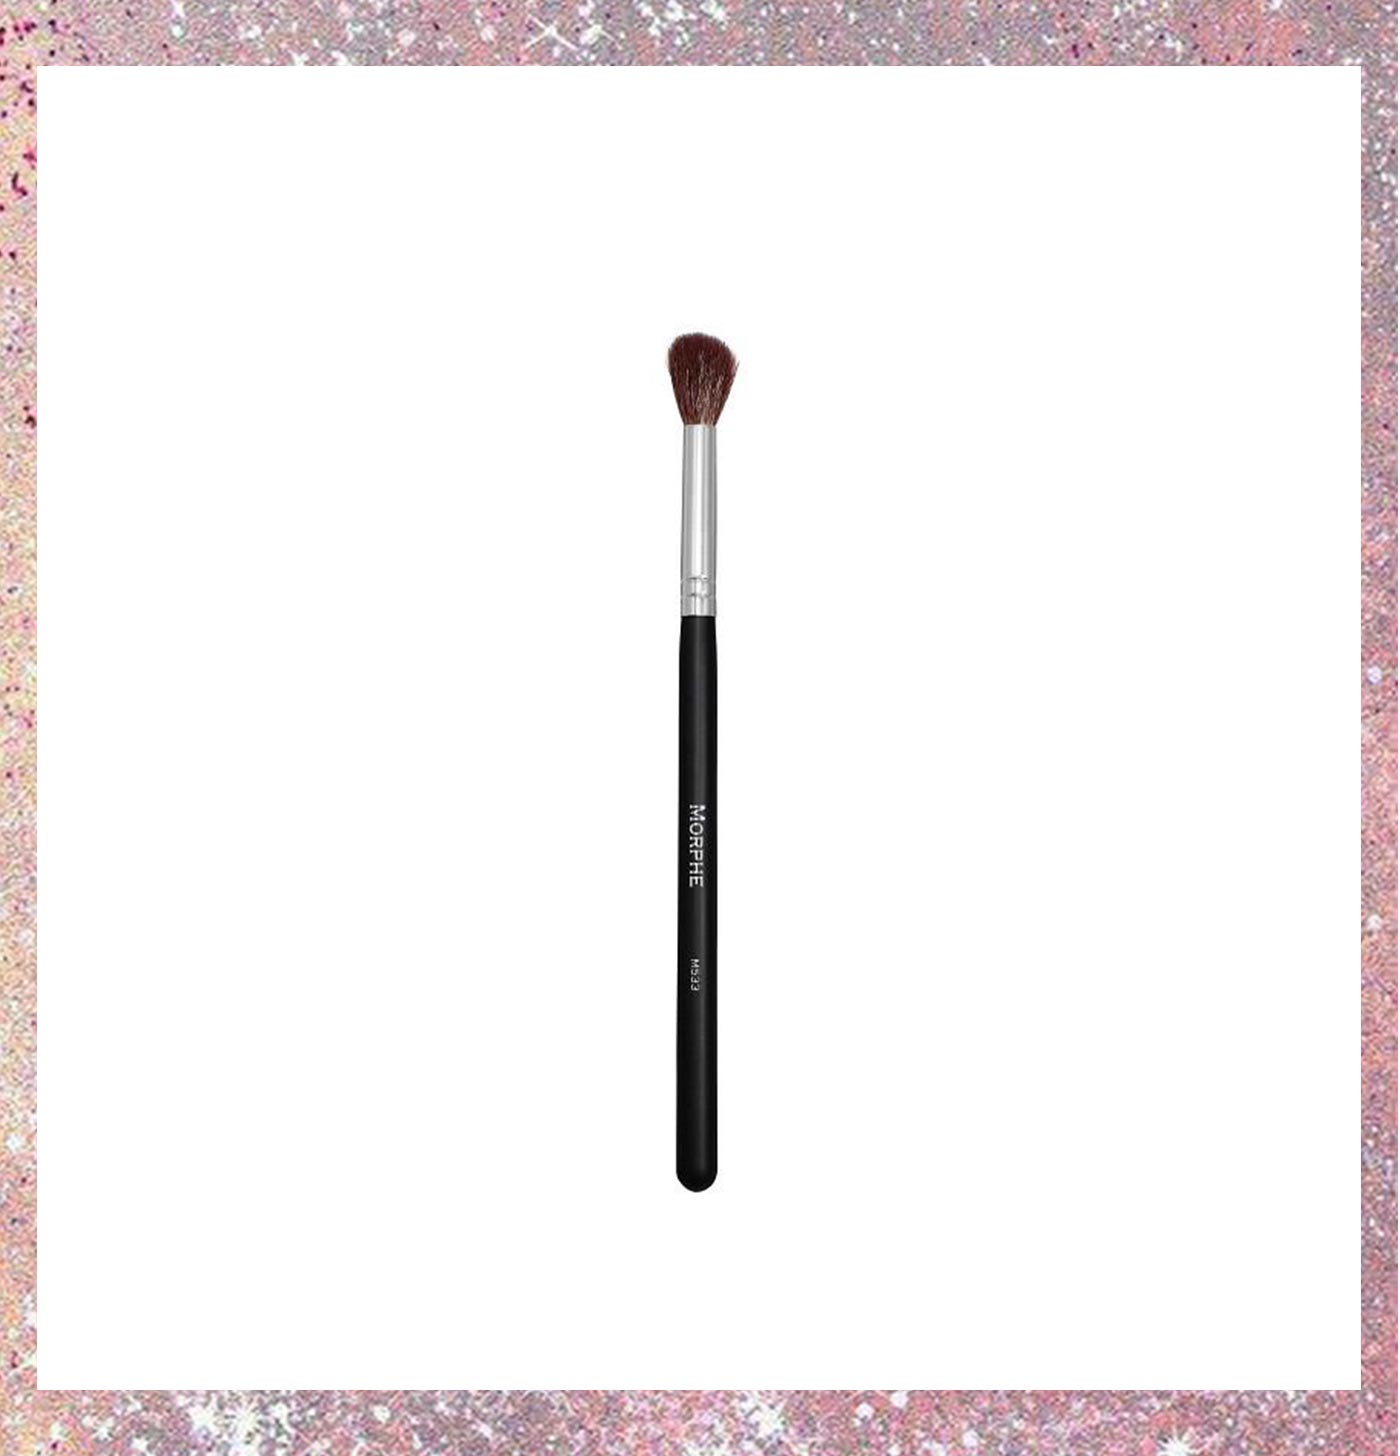 Favorite Makeup Brush